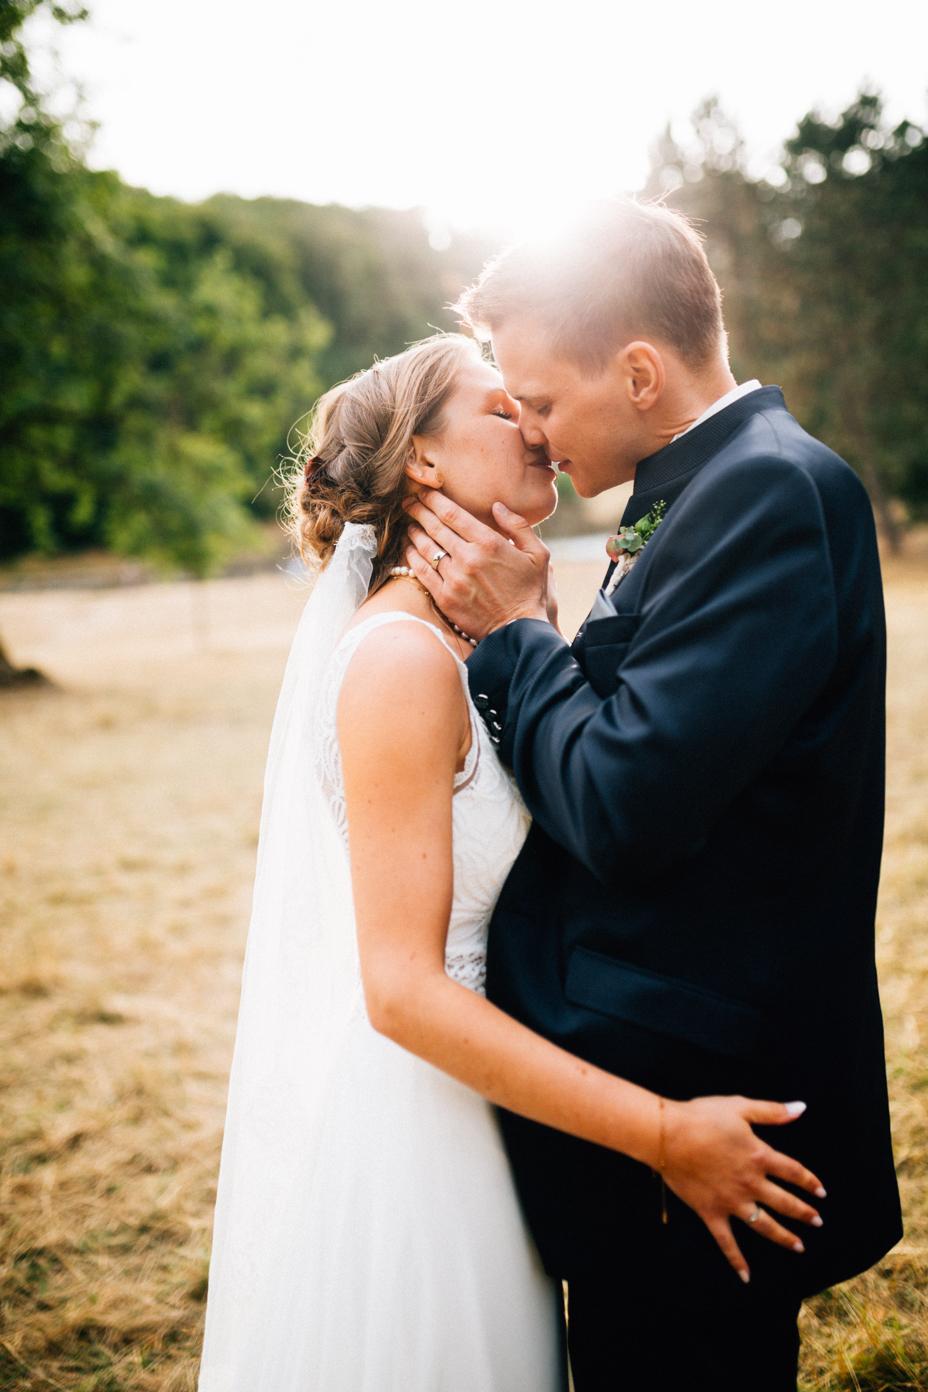 emotionale Hochzeit im Bergpark Wilhelmshöhe Kaskadenwirtschaft Grischaefer Inka Englisch 2018 freie Trauung Reportage Portraits Sonnenuntergang